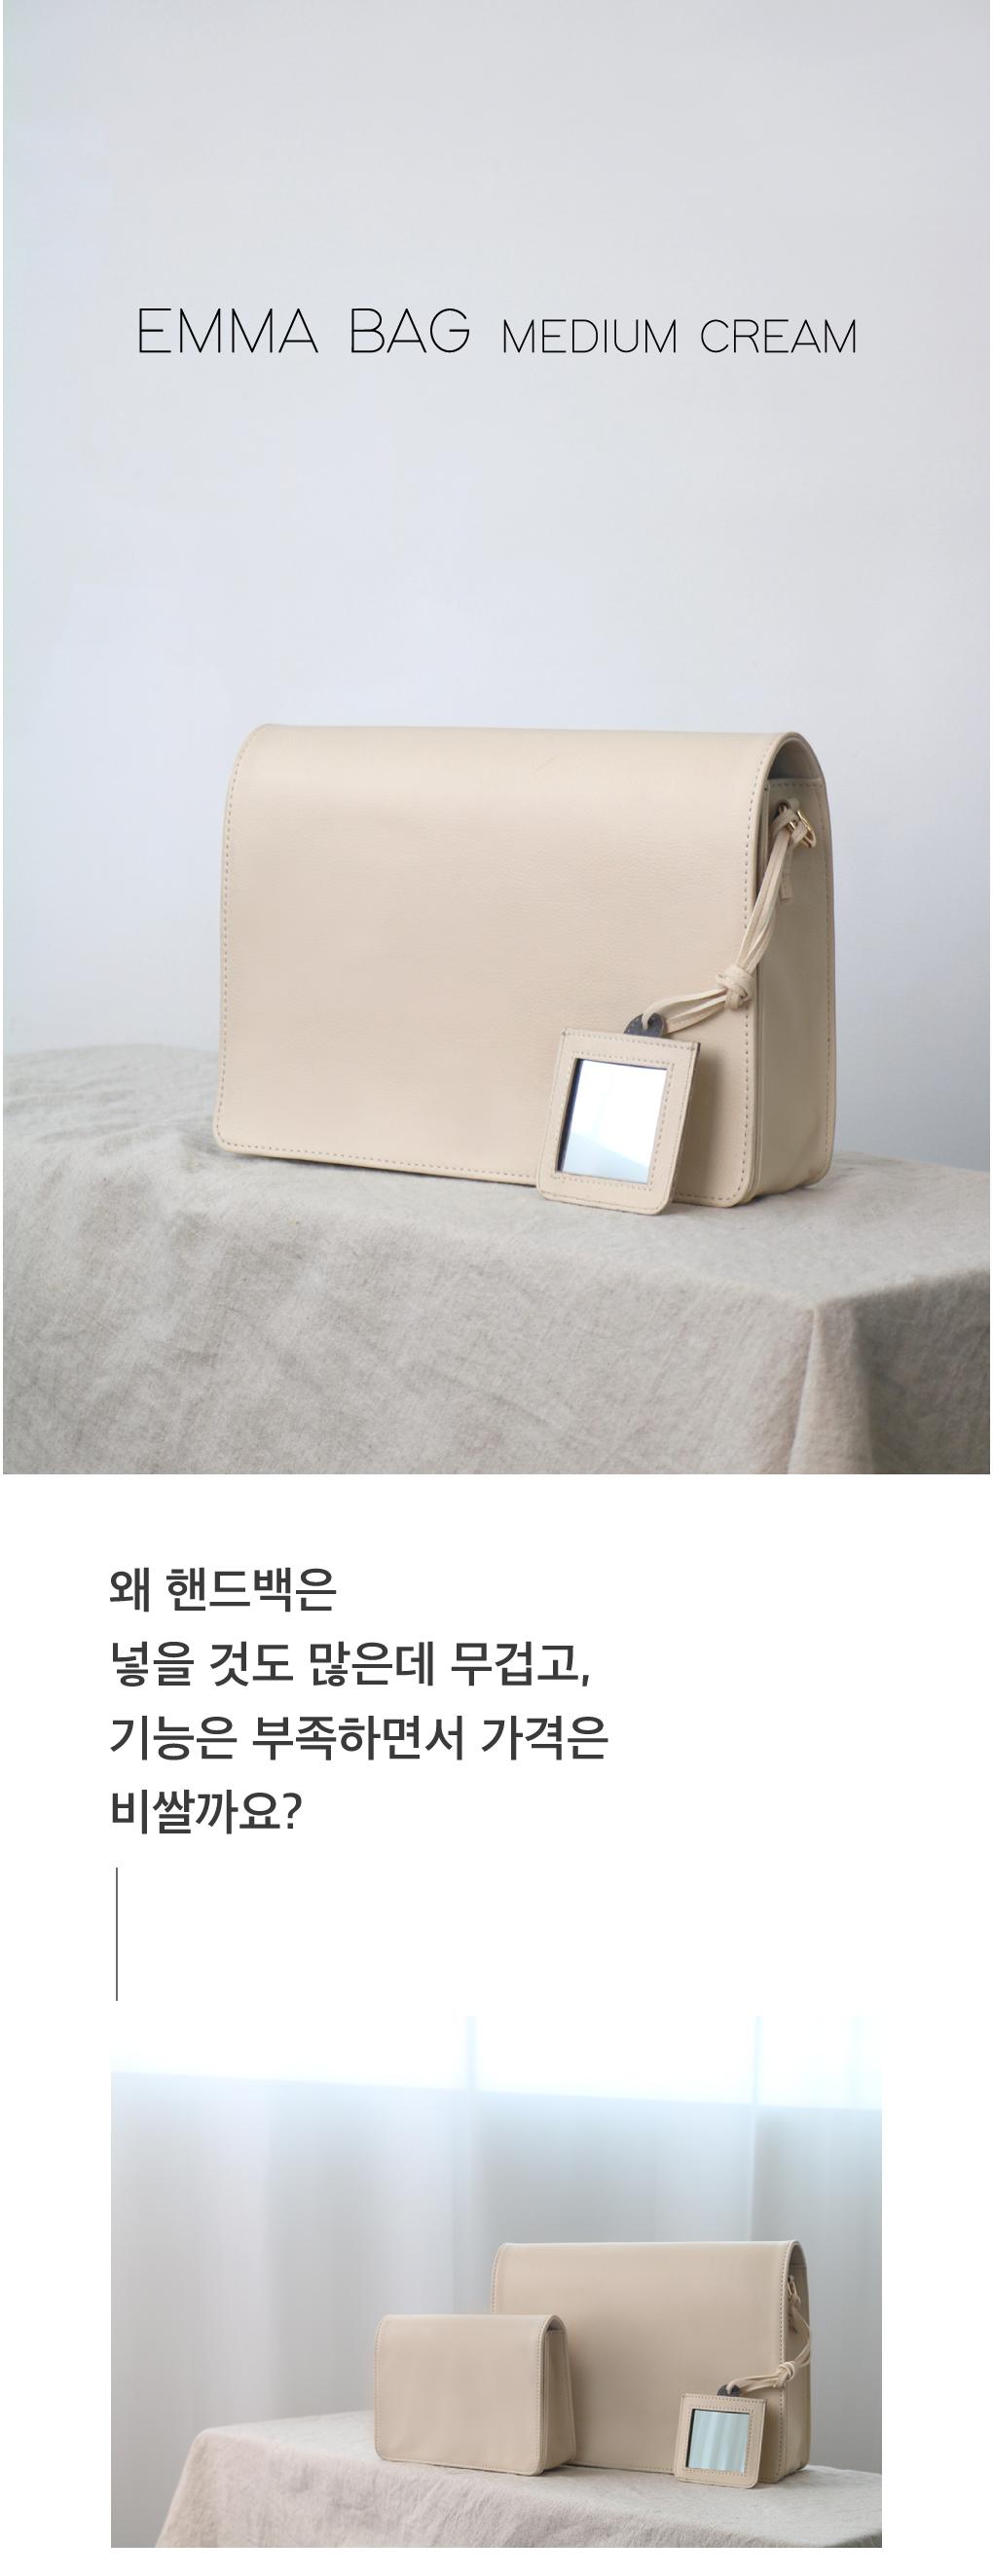 엠마백-미디엄크림-상세페이지1.jpg